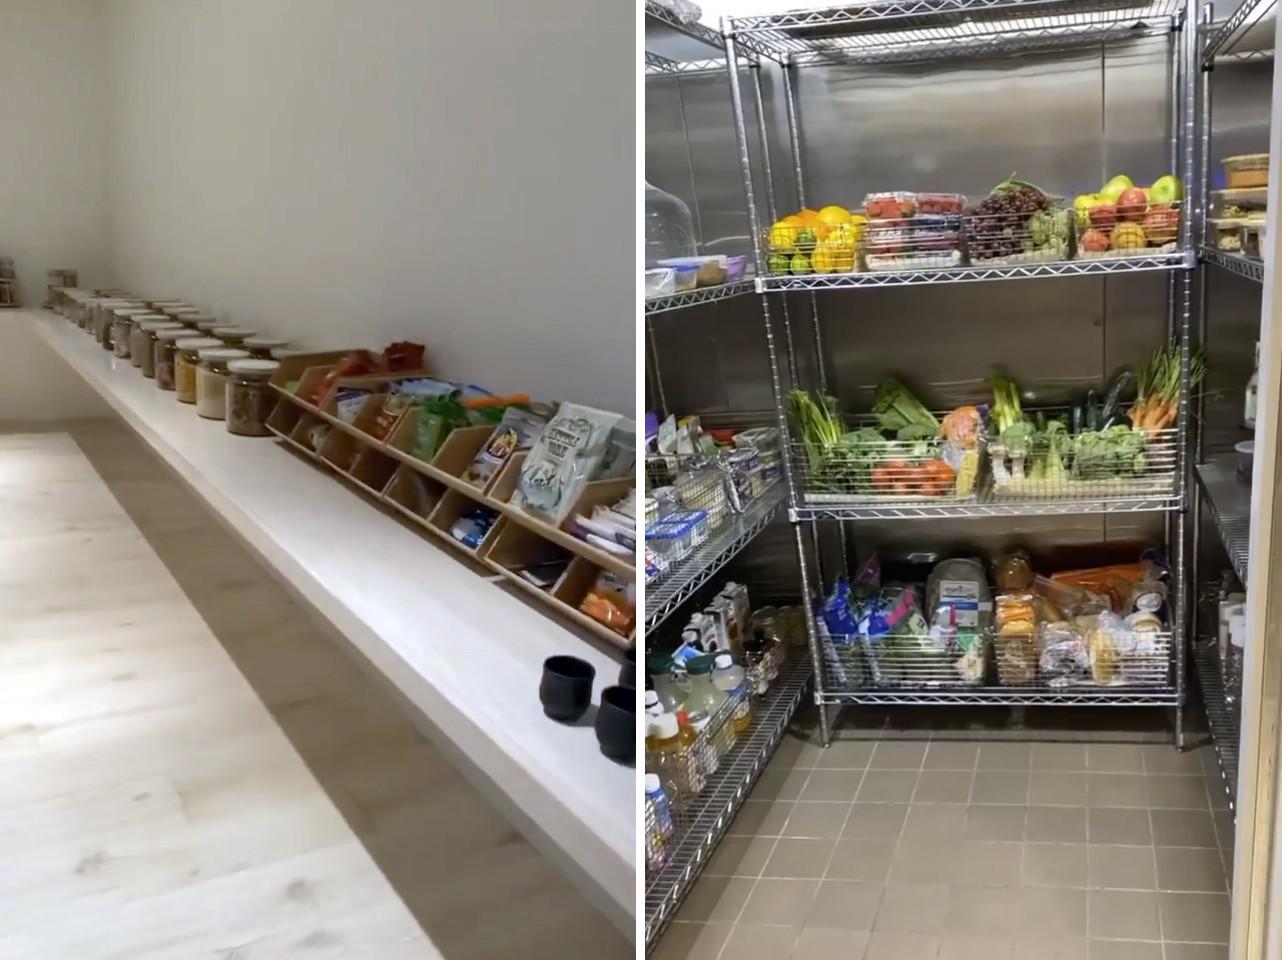 Kim Kardashian shows off walk-in fridge, massive pantry in Instagram video